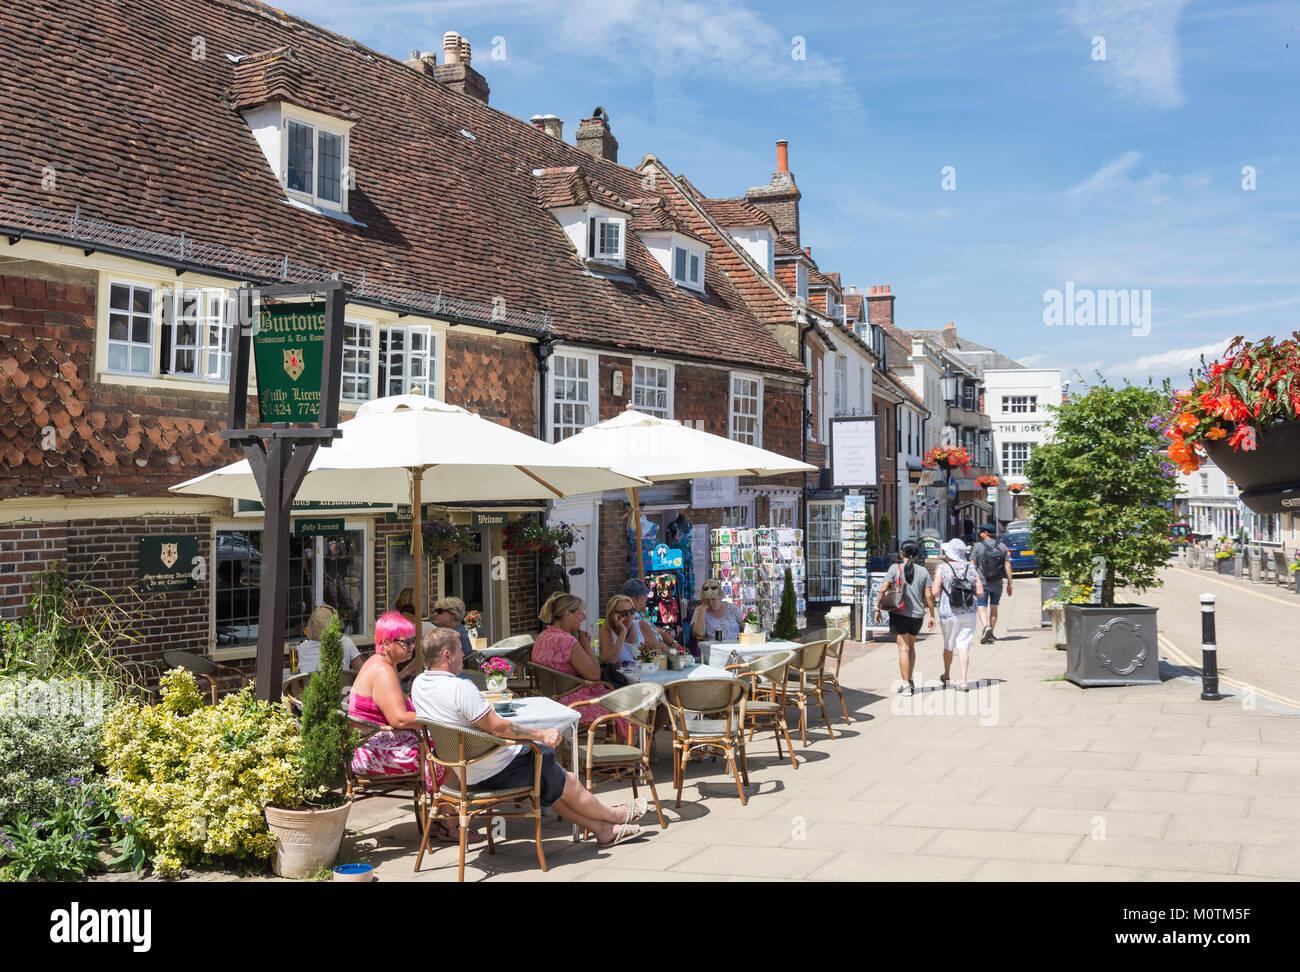 Frau Burton's Restaurant & Tea Room, High Street, Battle, East Sussex, England, Vereinigtes Königreich Stockbild